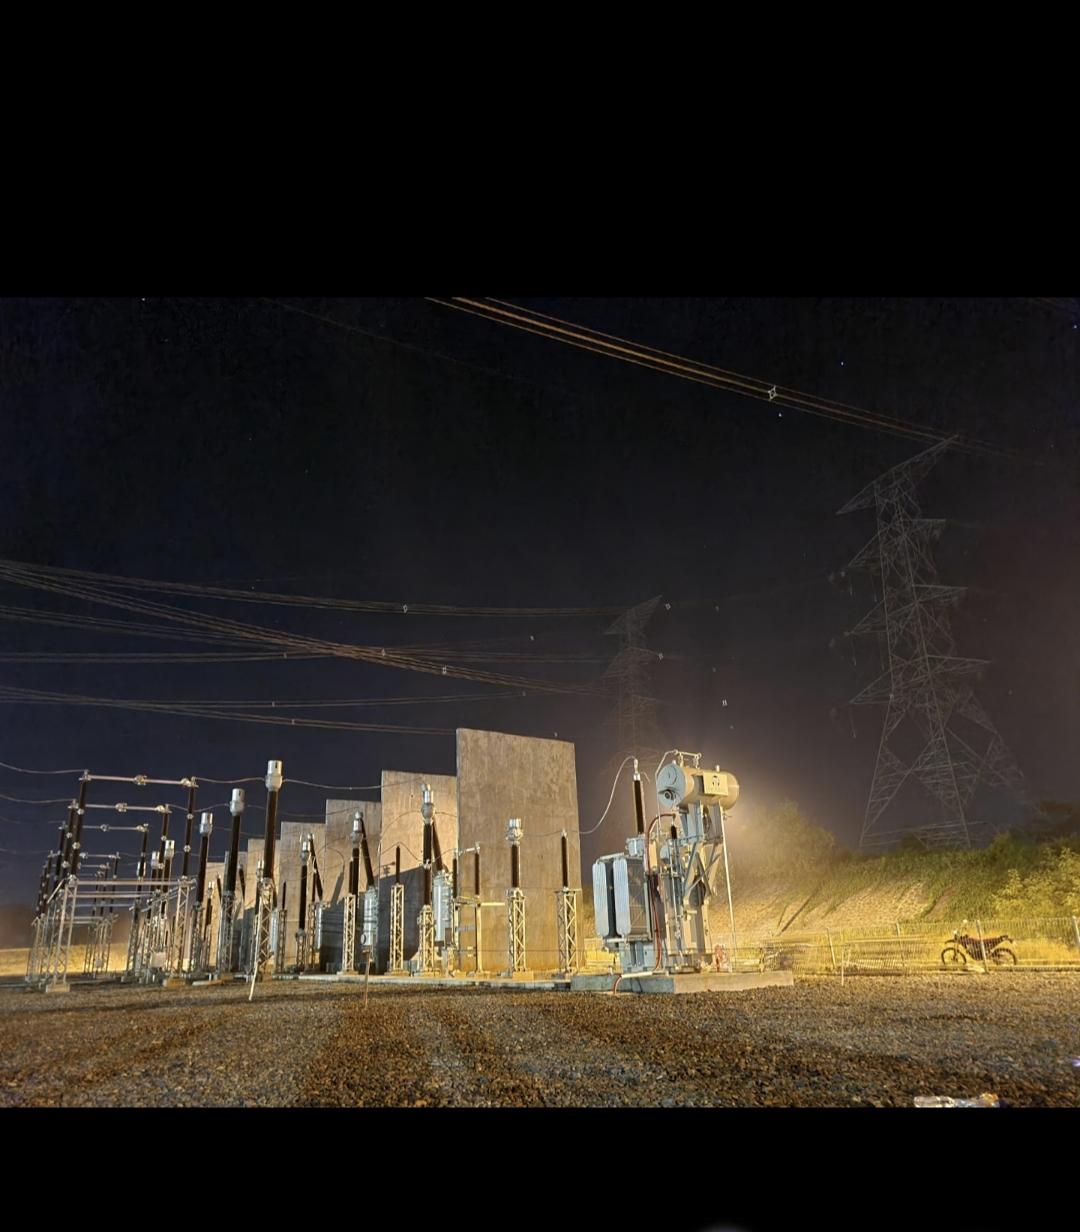 Seksi-Tanjung-Jati-–-Pemalang-dari-Proyek-Transmisi-500kV-6